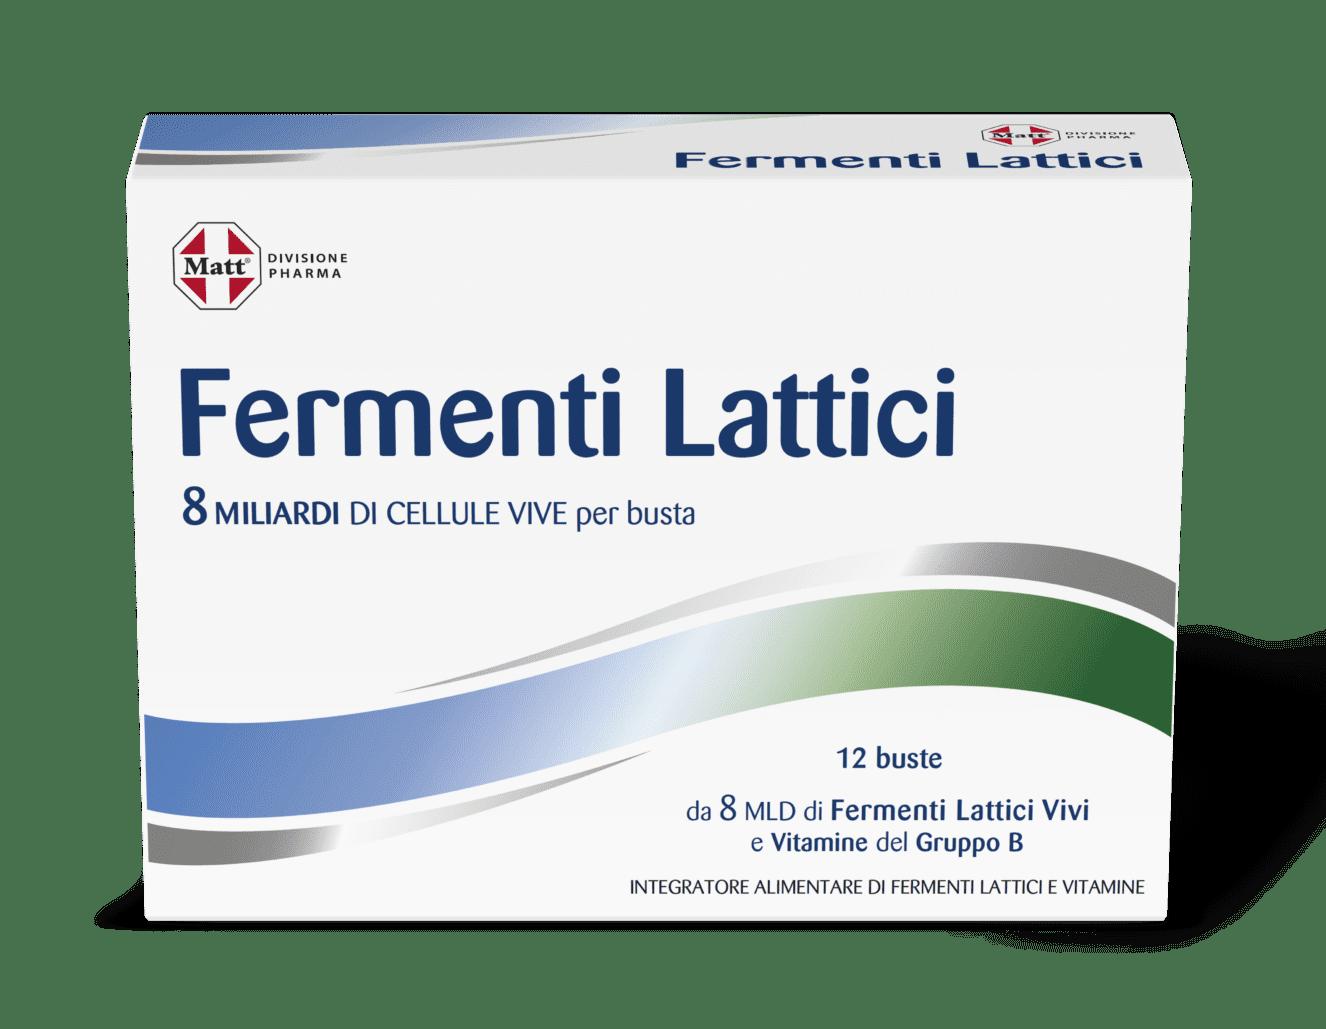 fermenti lattici bustine